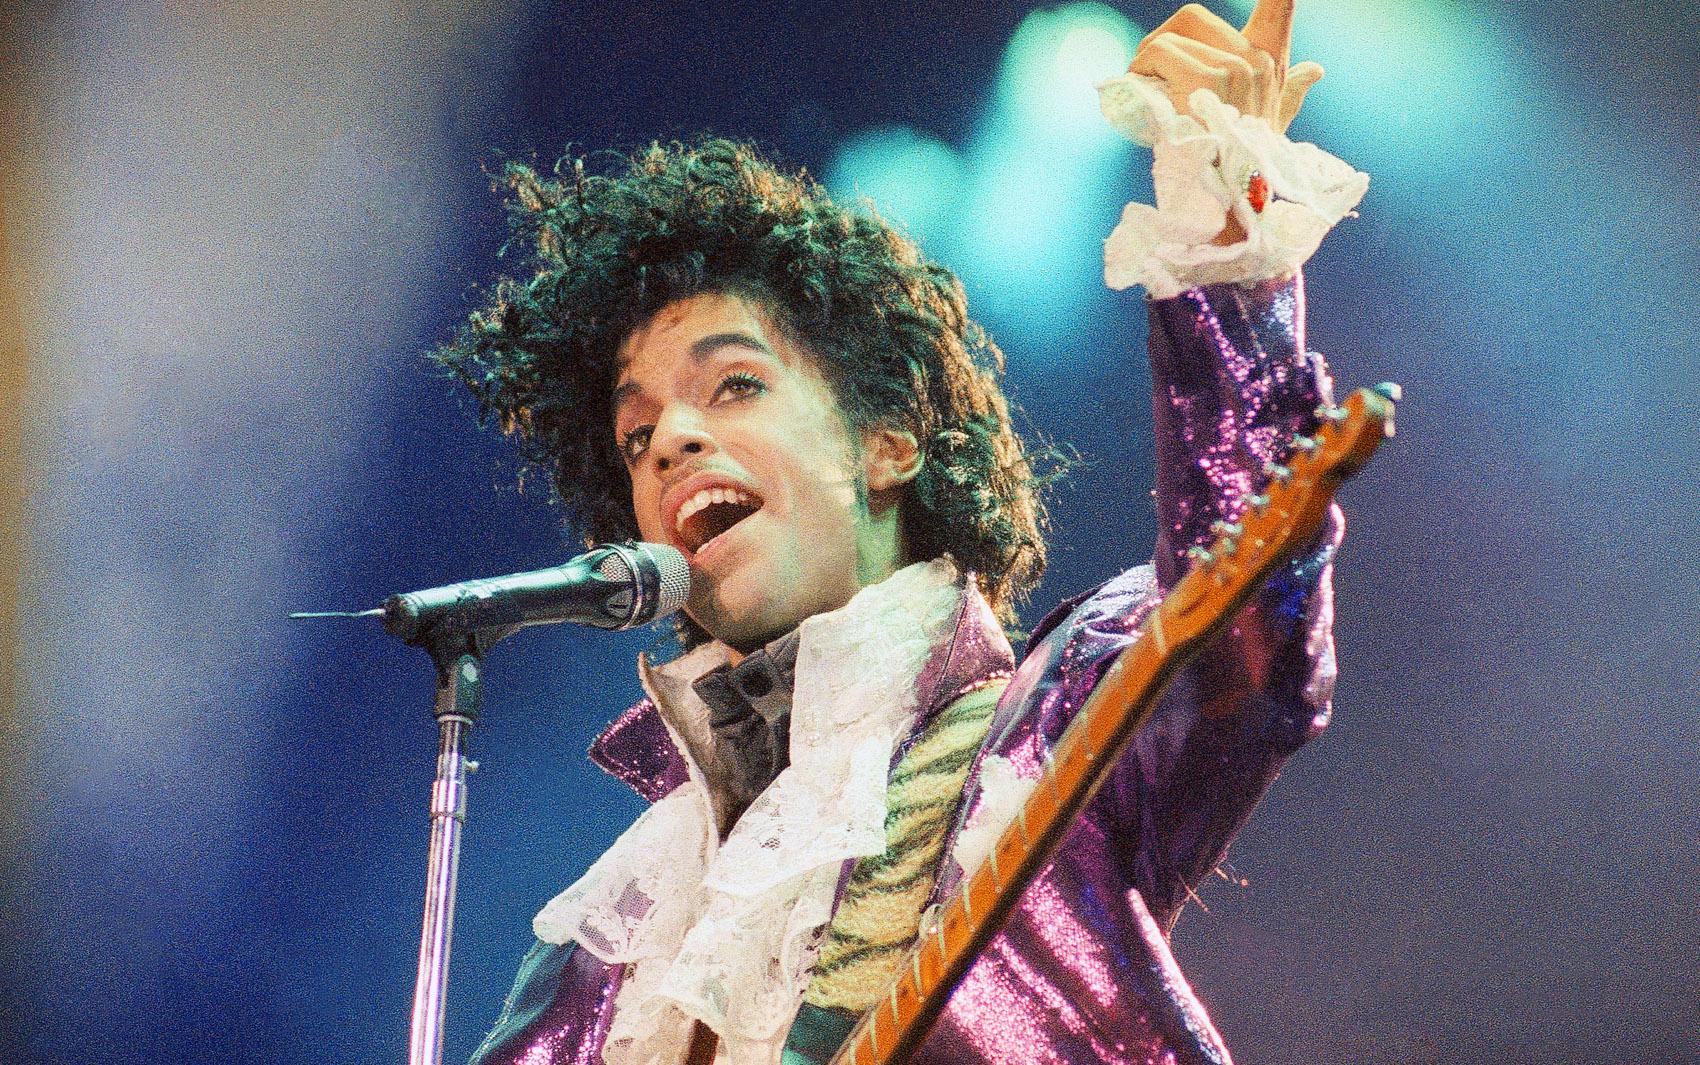 Foto de fevereiro de 1985 mostra o cantor Prince durante show em Inglewood, na Califórnia, EUA